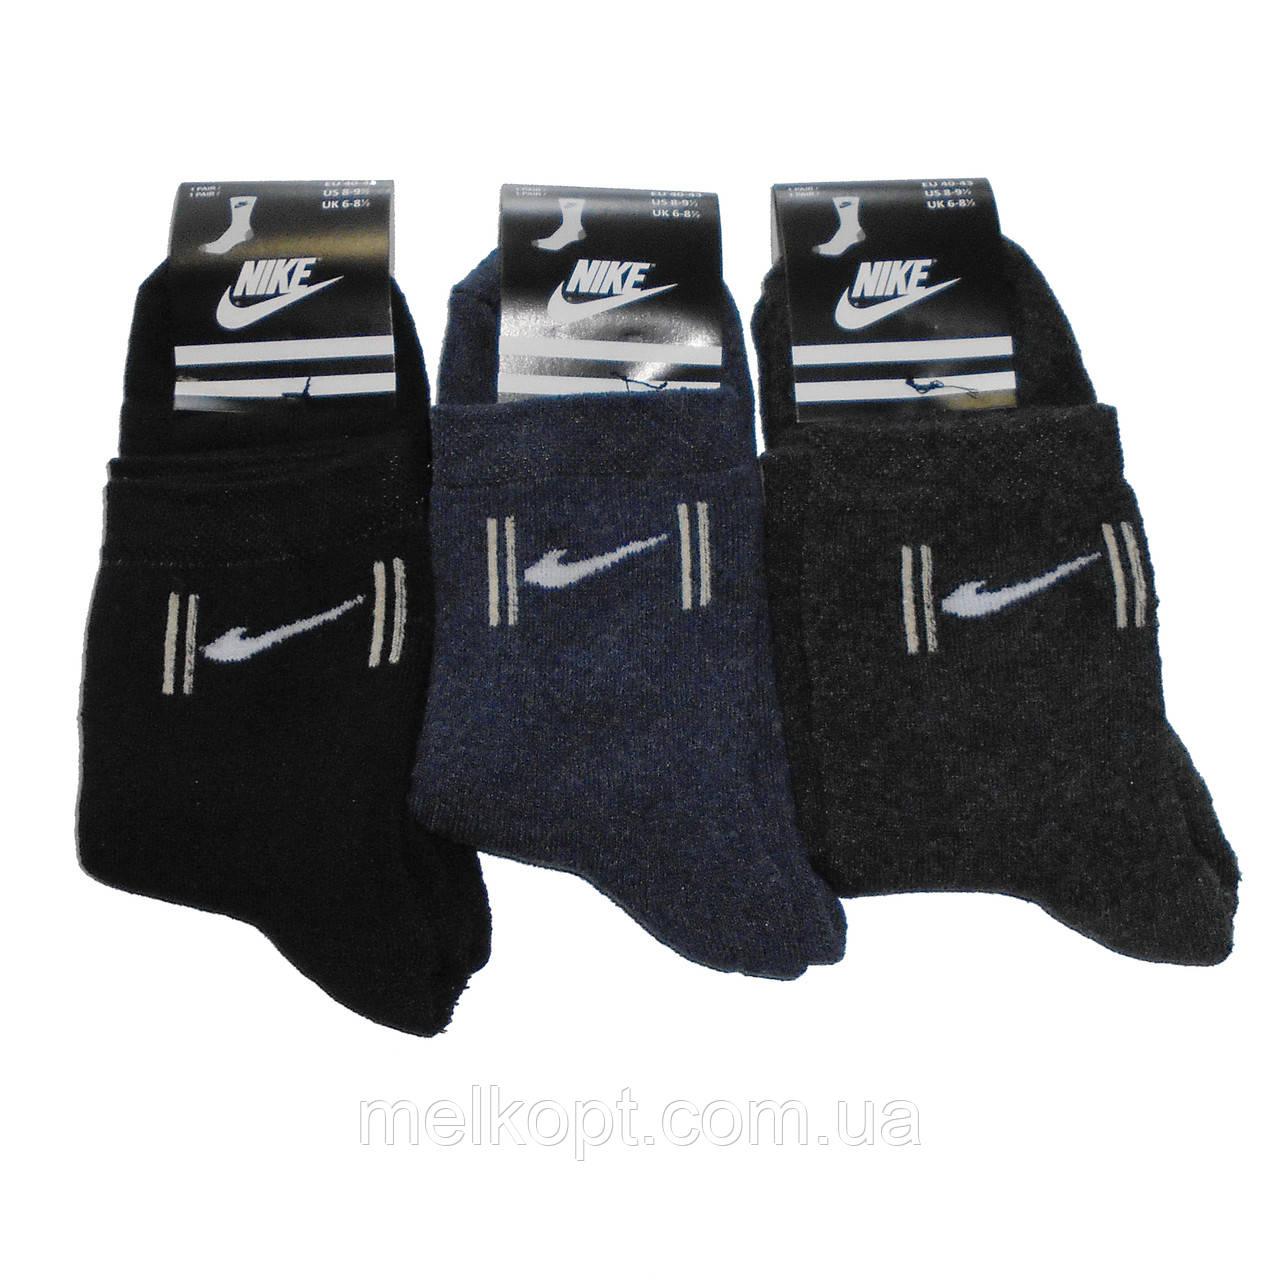 Мужские махровые носки с надписью Nike - 12,00 грн./пара